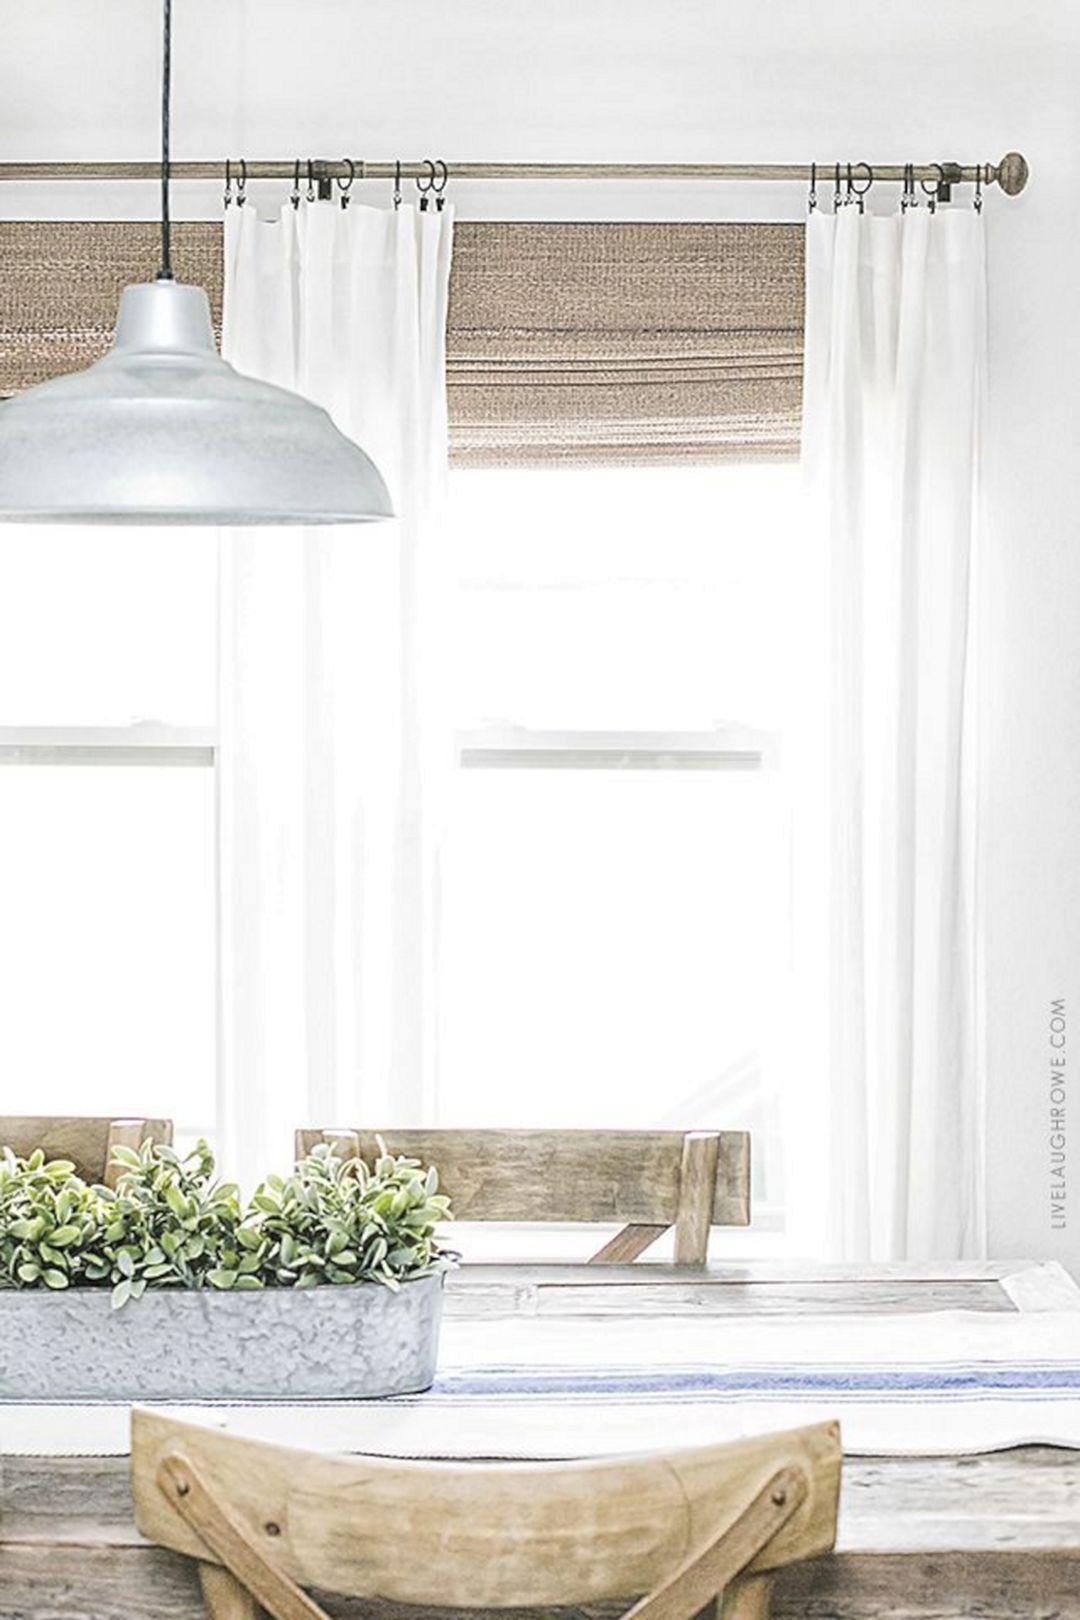 12 meilleurs styles de traitements pour fenêtres de ferme simples à connaître #windowtreatme …